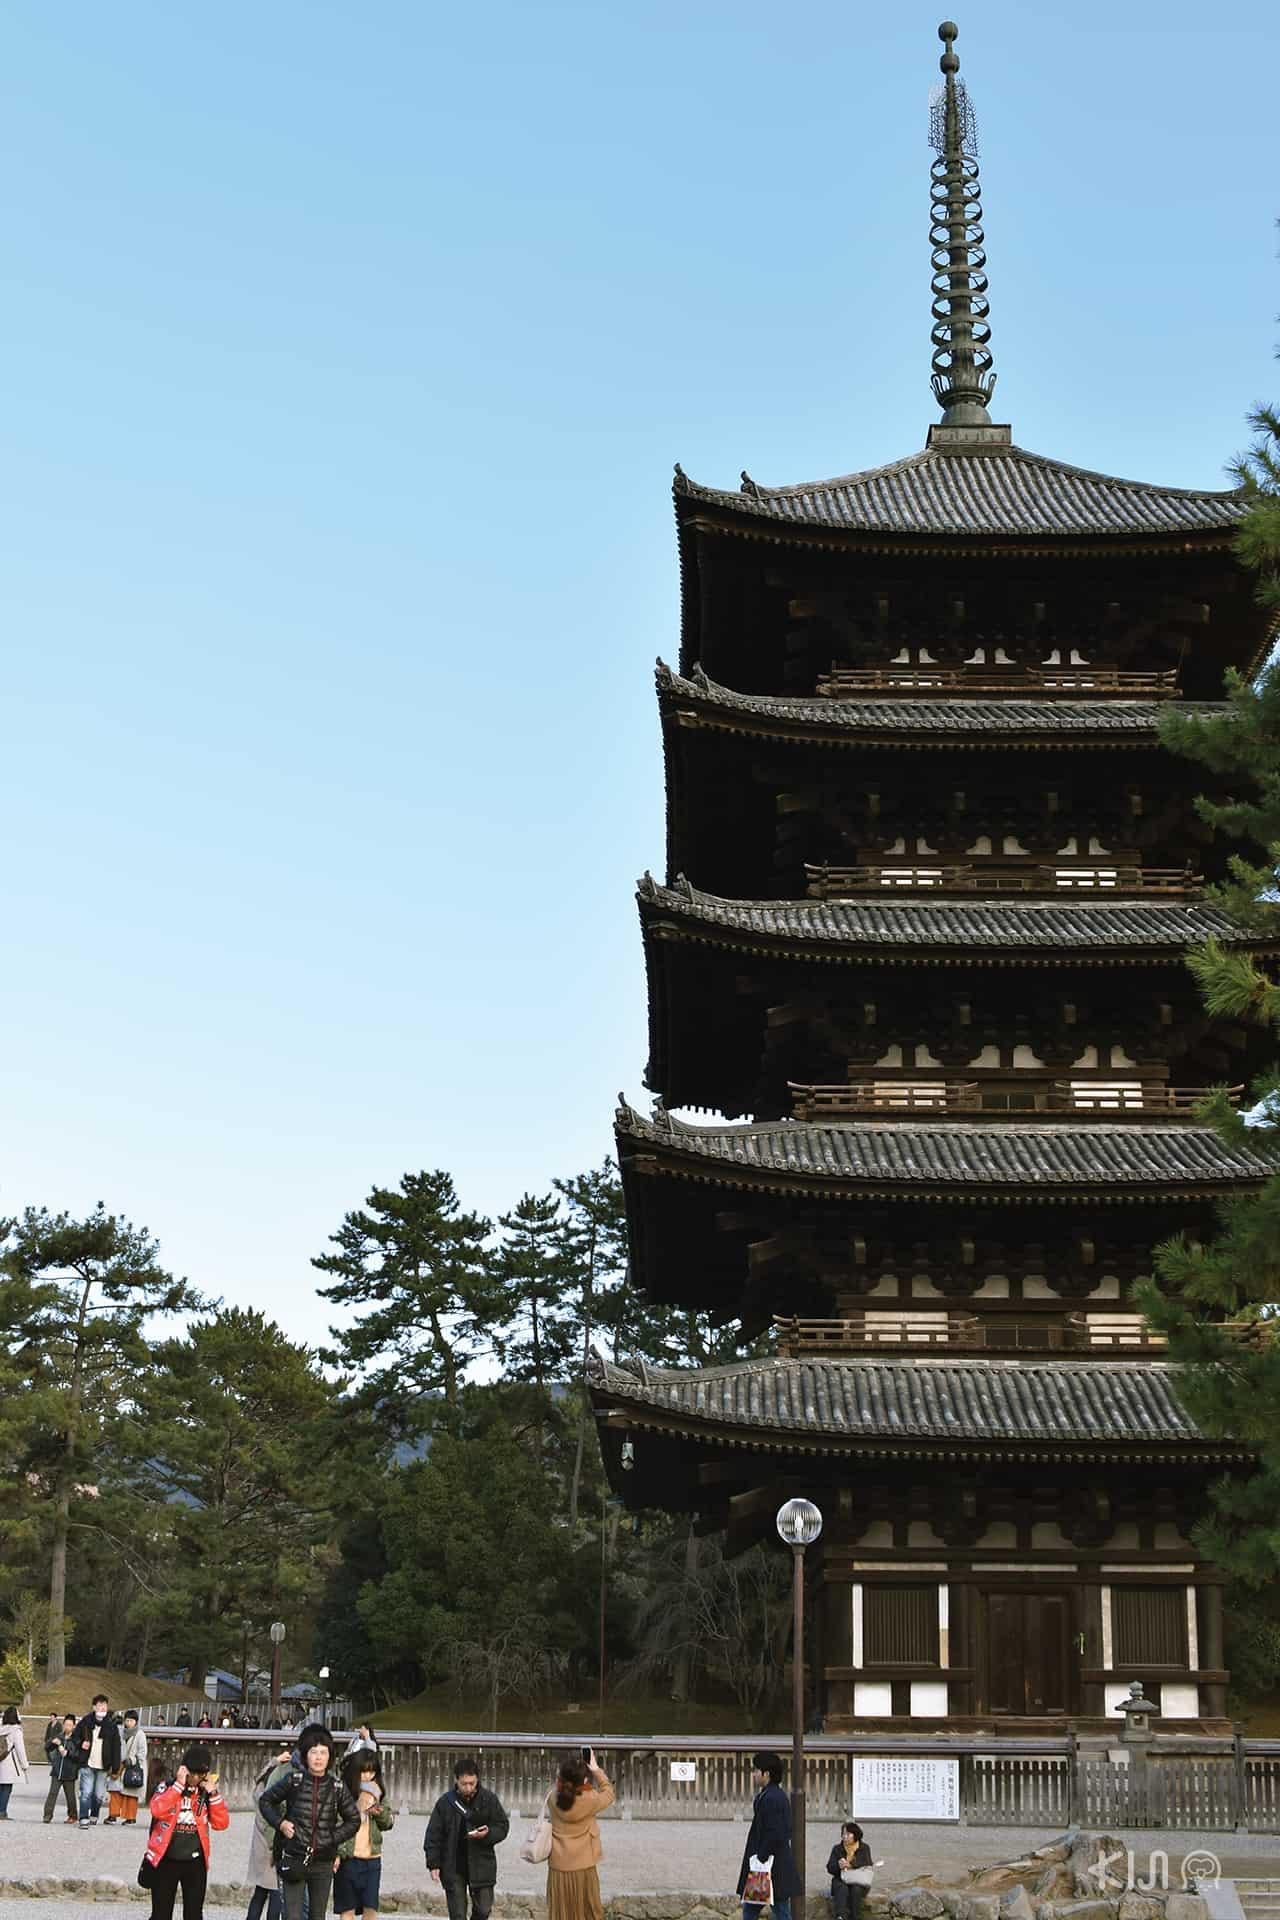 ที่เที่ยวนารา (Nara) : วัดโคฟุคุจิ